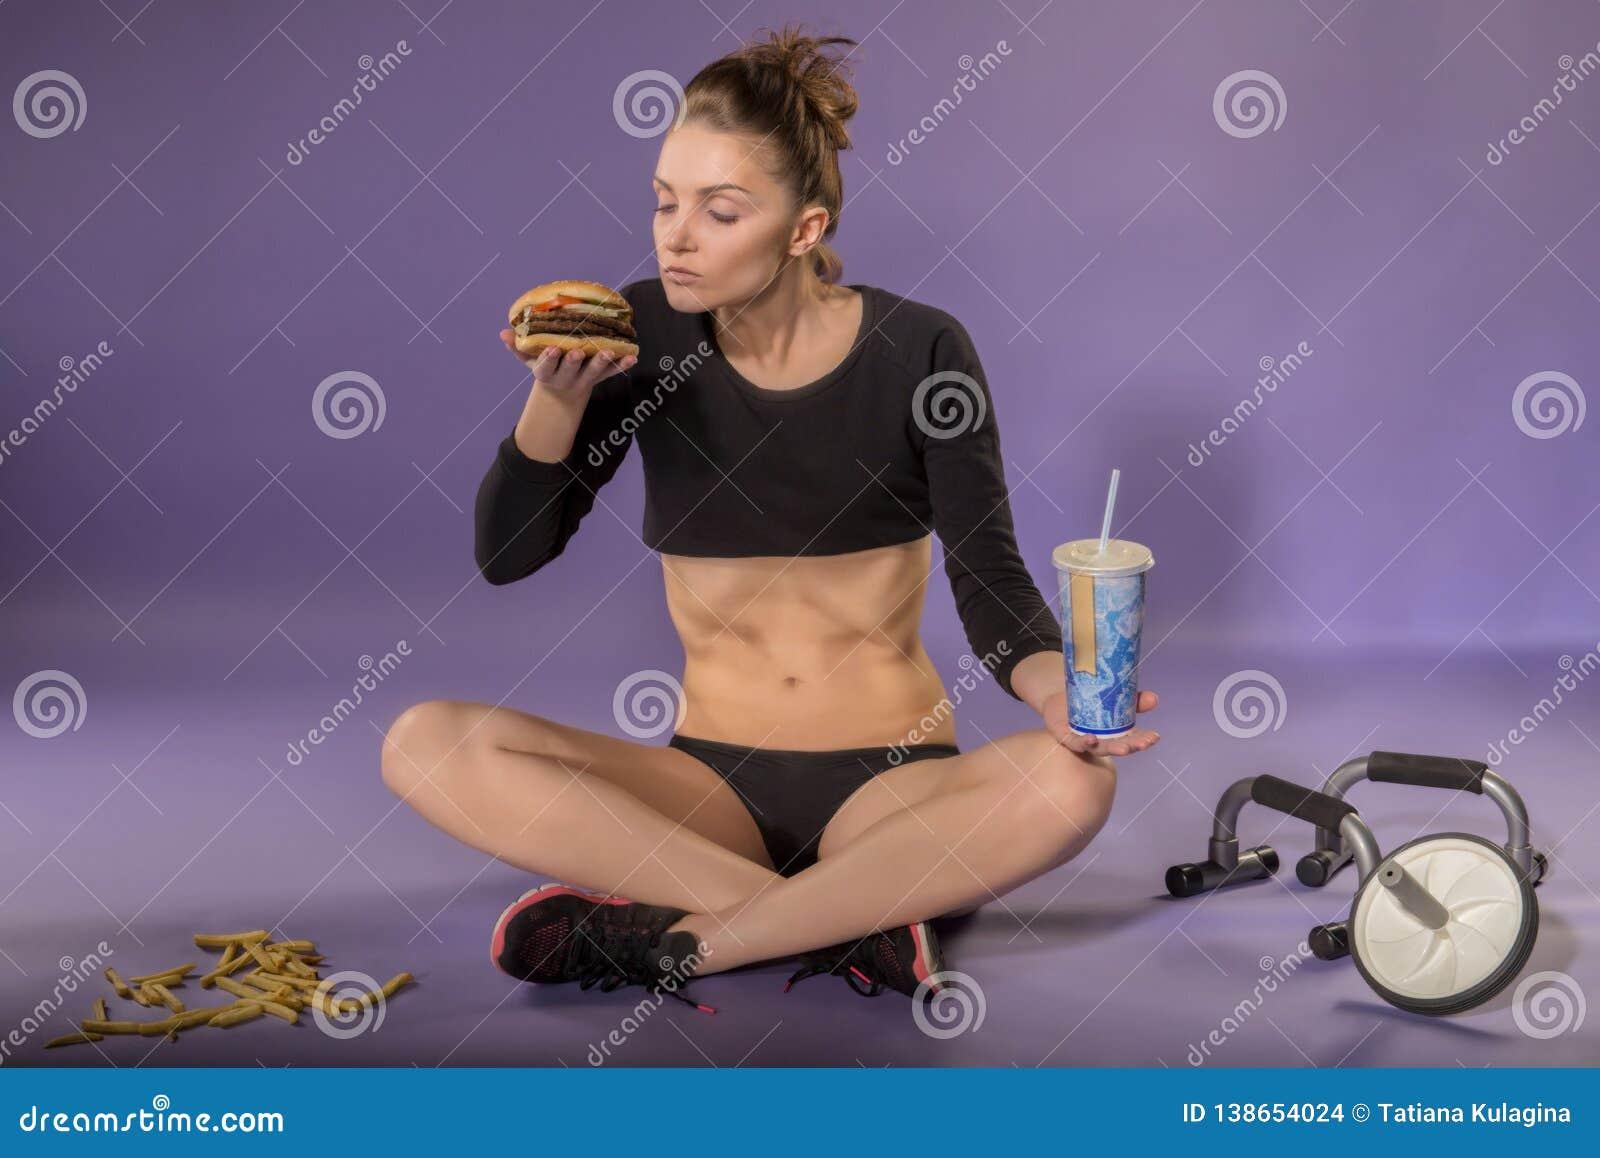 少女的图和饮食 饮食 体育和正确的食物